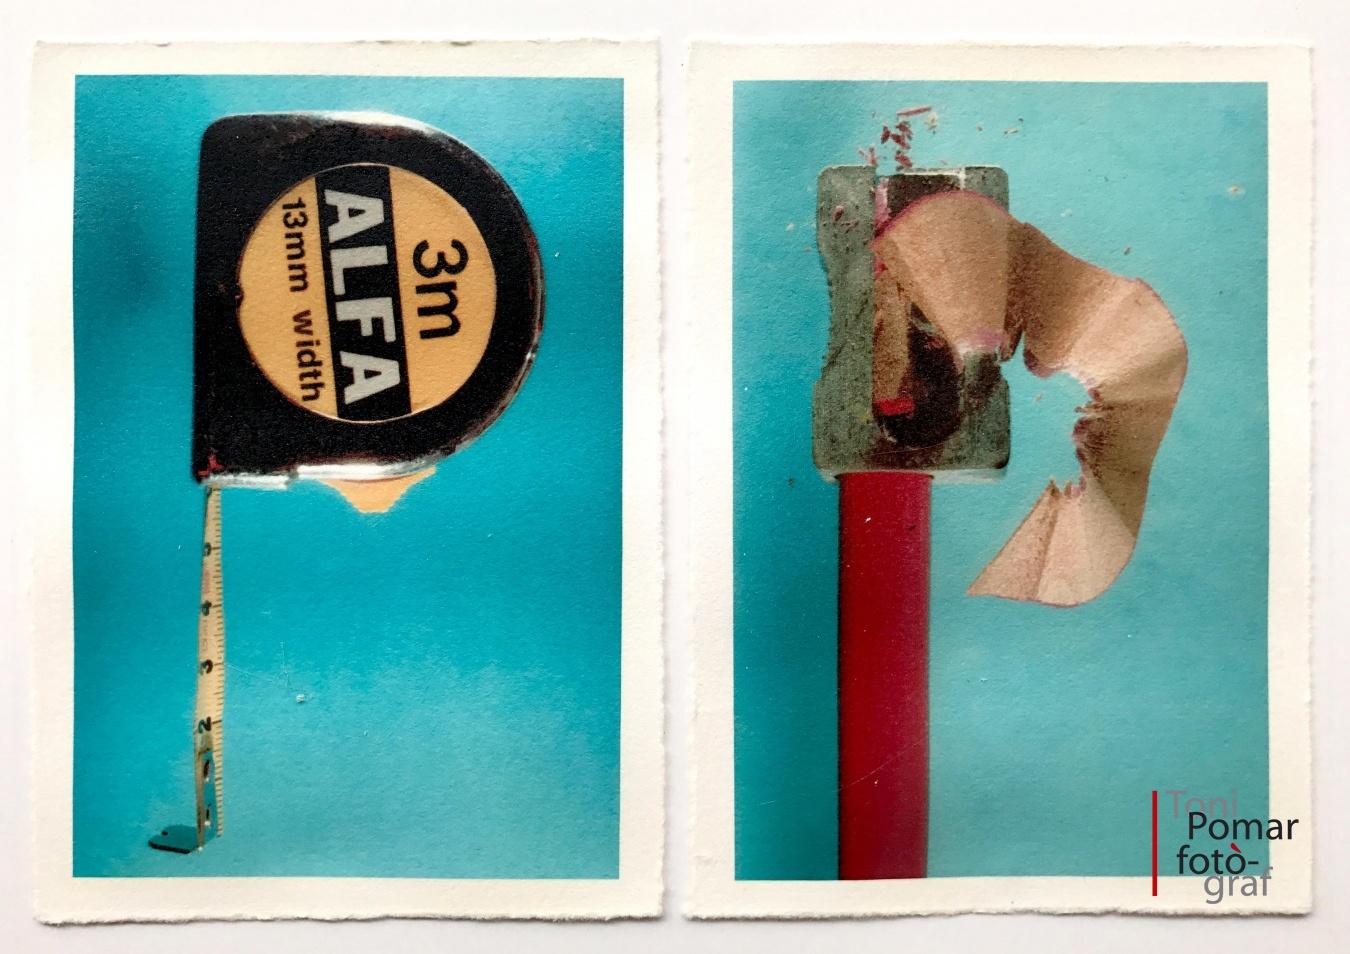 P - Flexòmetre de tres metres   p - Llapis i maquineta de fee punta - Alfabet - Toni Pomar. Alfabet